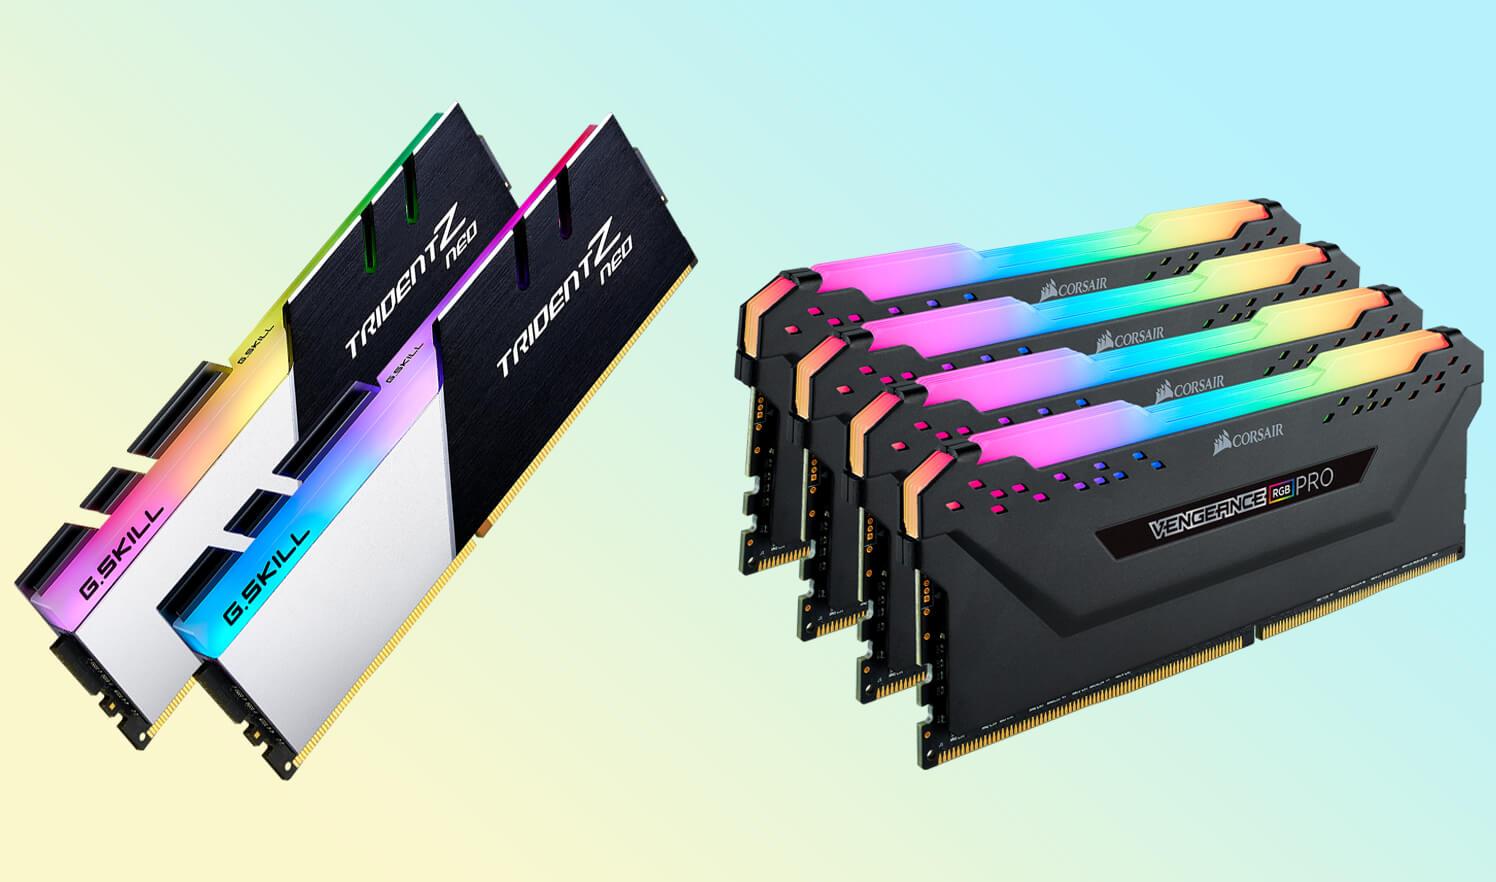 Best RAM for i7 11700k